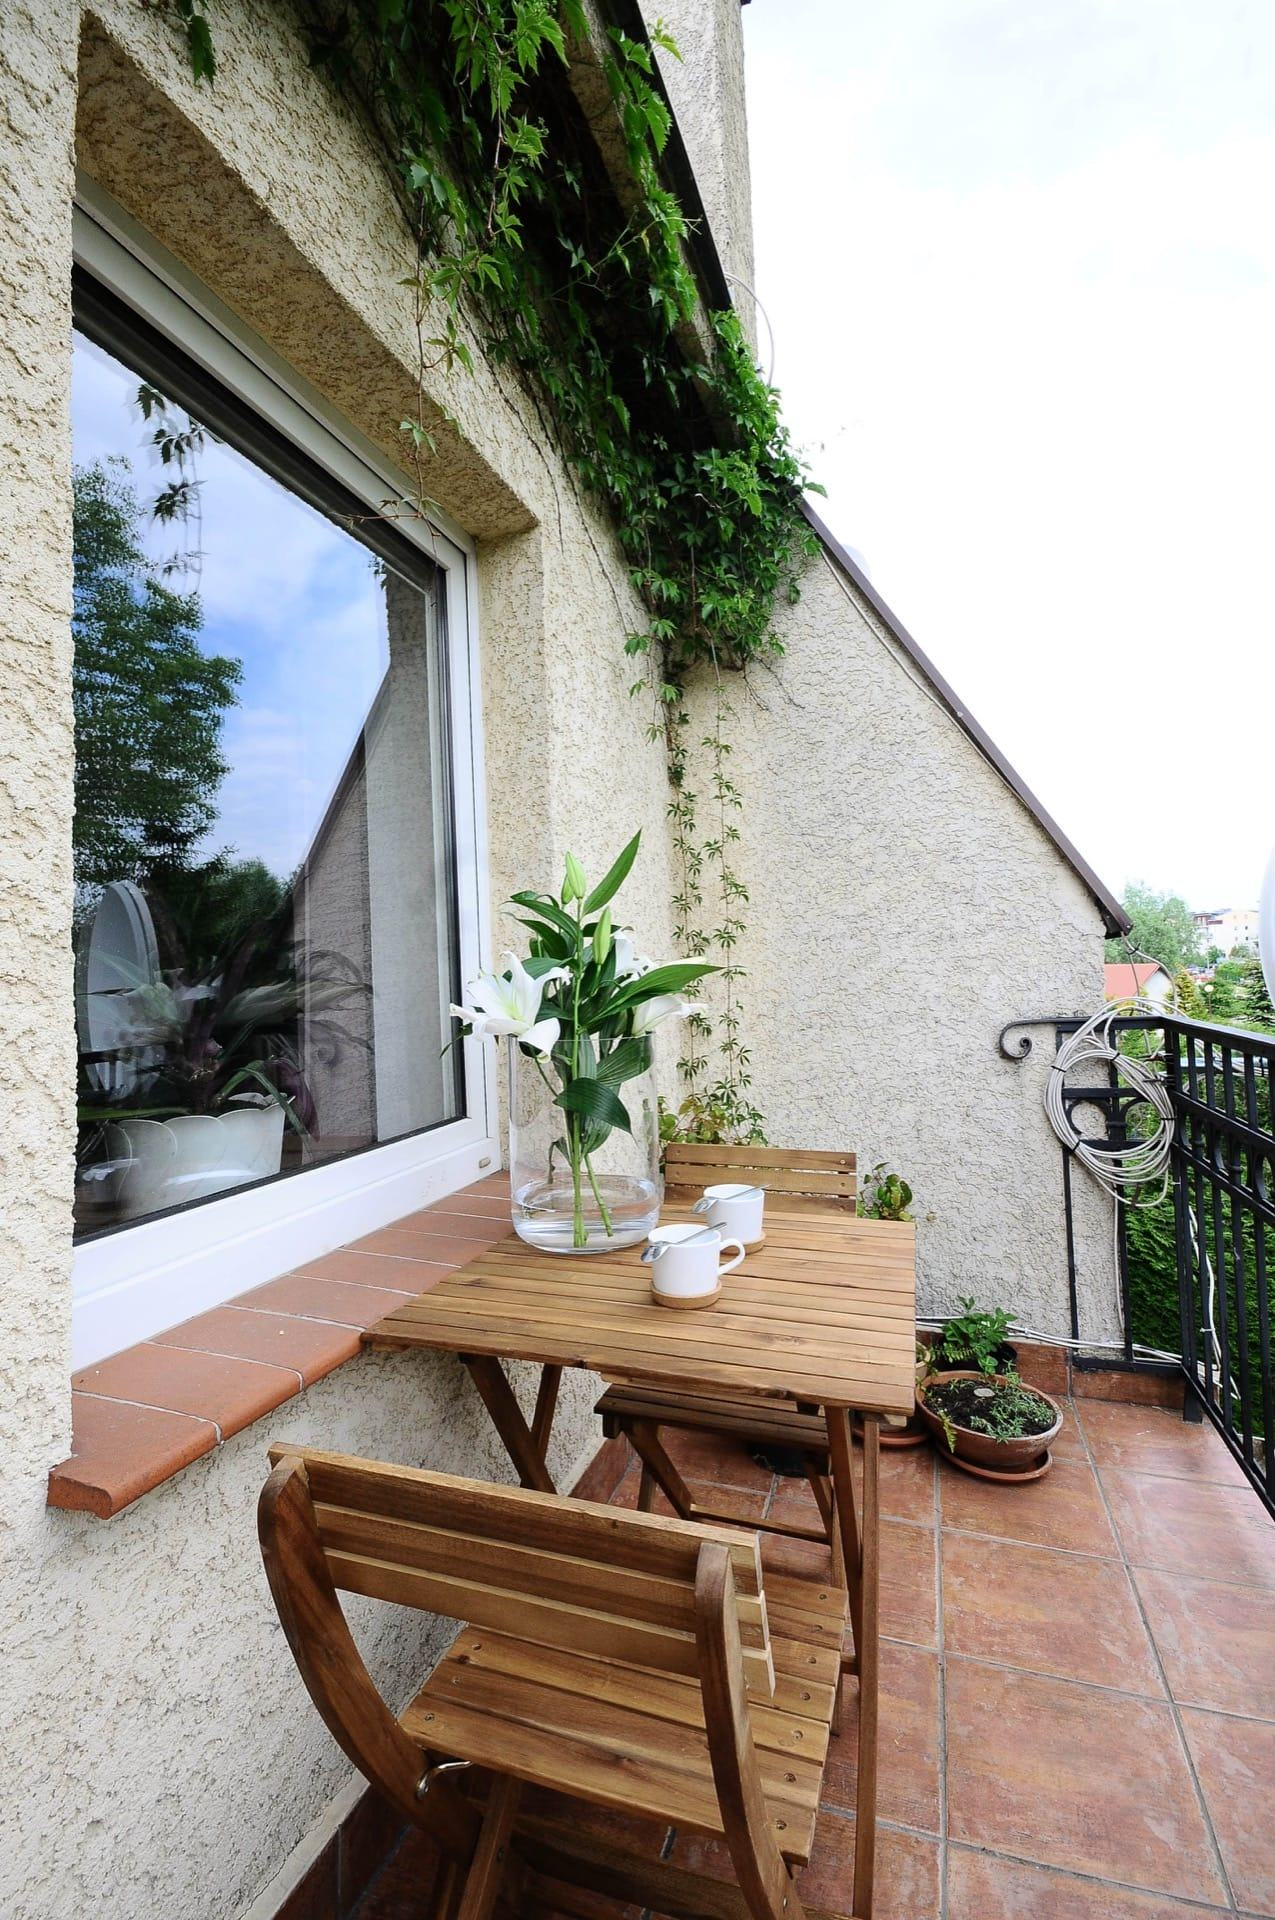 Wiewiorcza-dwiesypalnie-balkon11